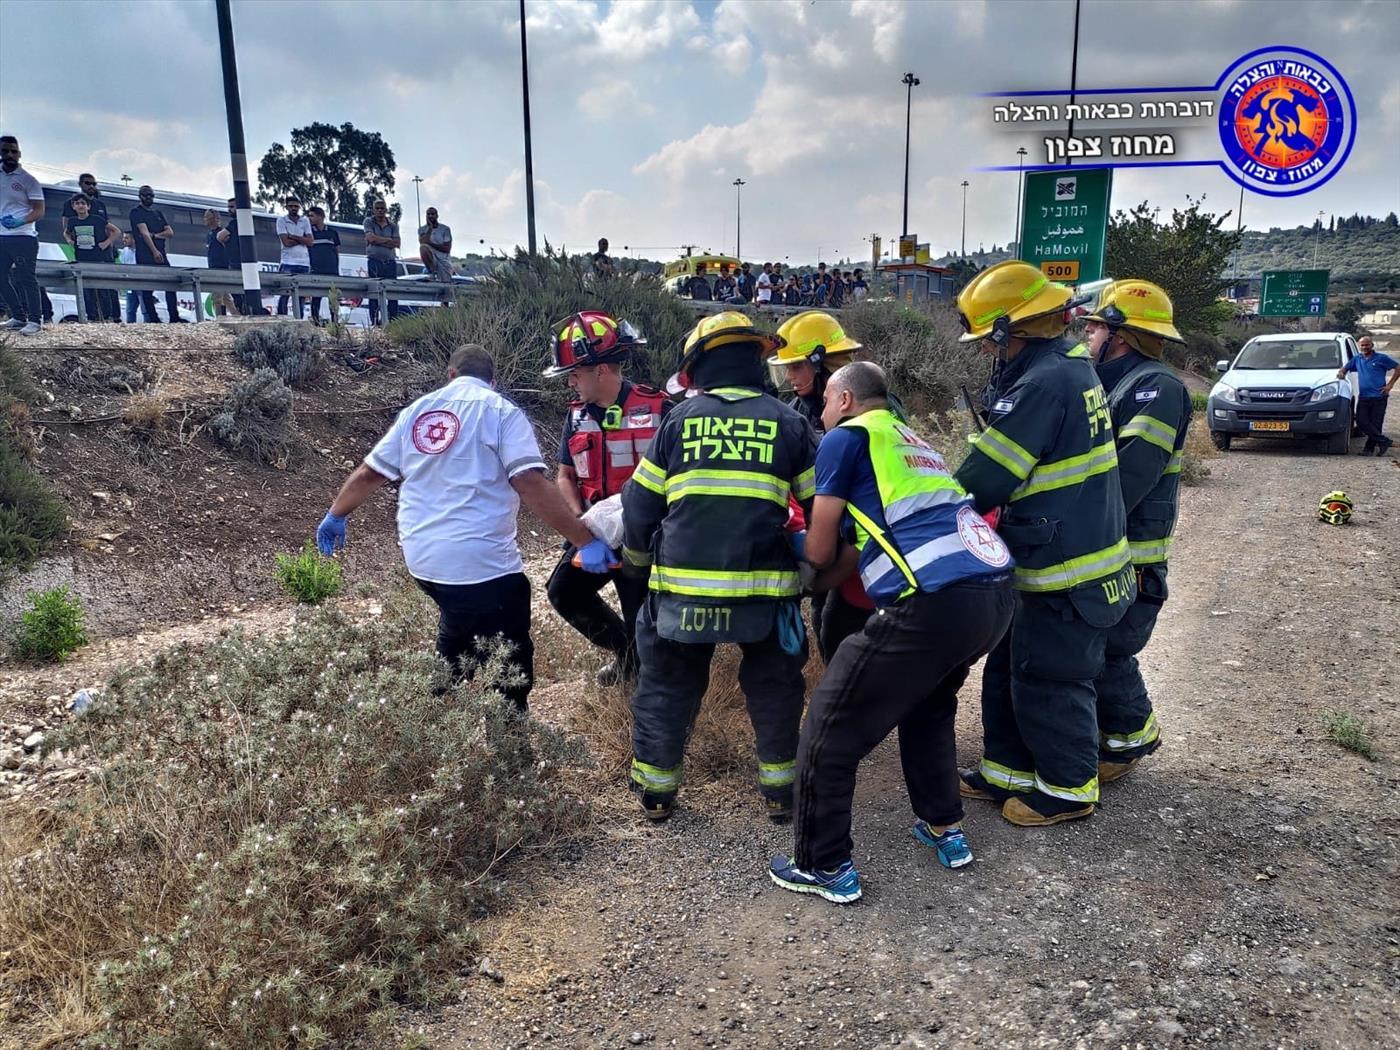 ערבים נמלטו משוטרים - יהודיה נהרגה